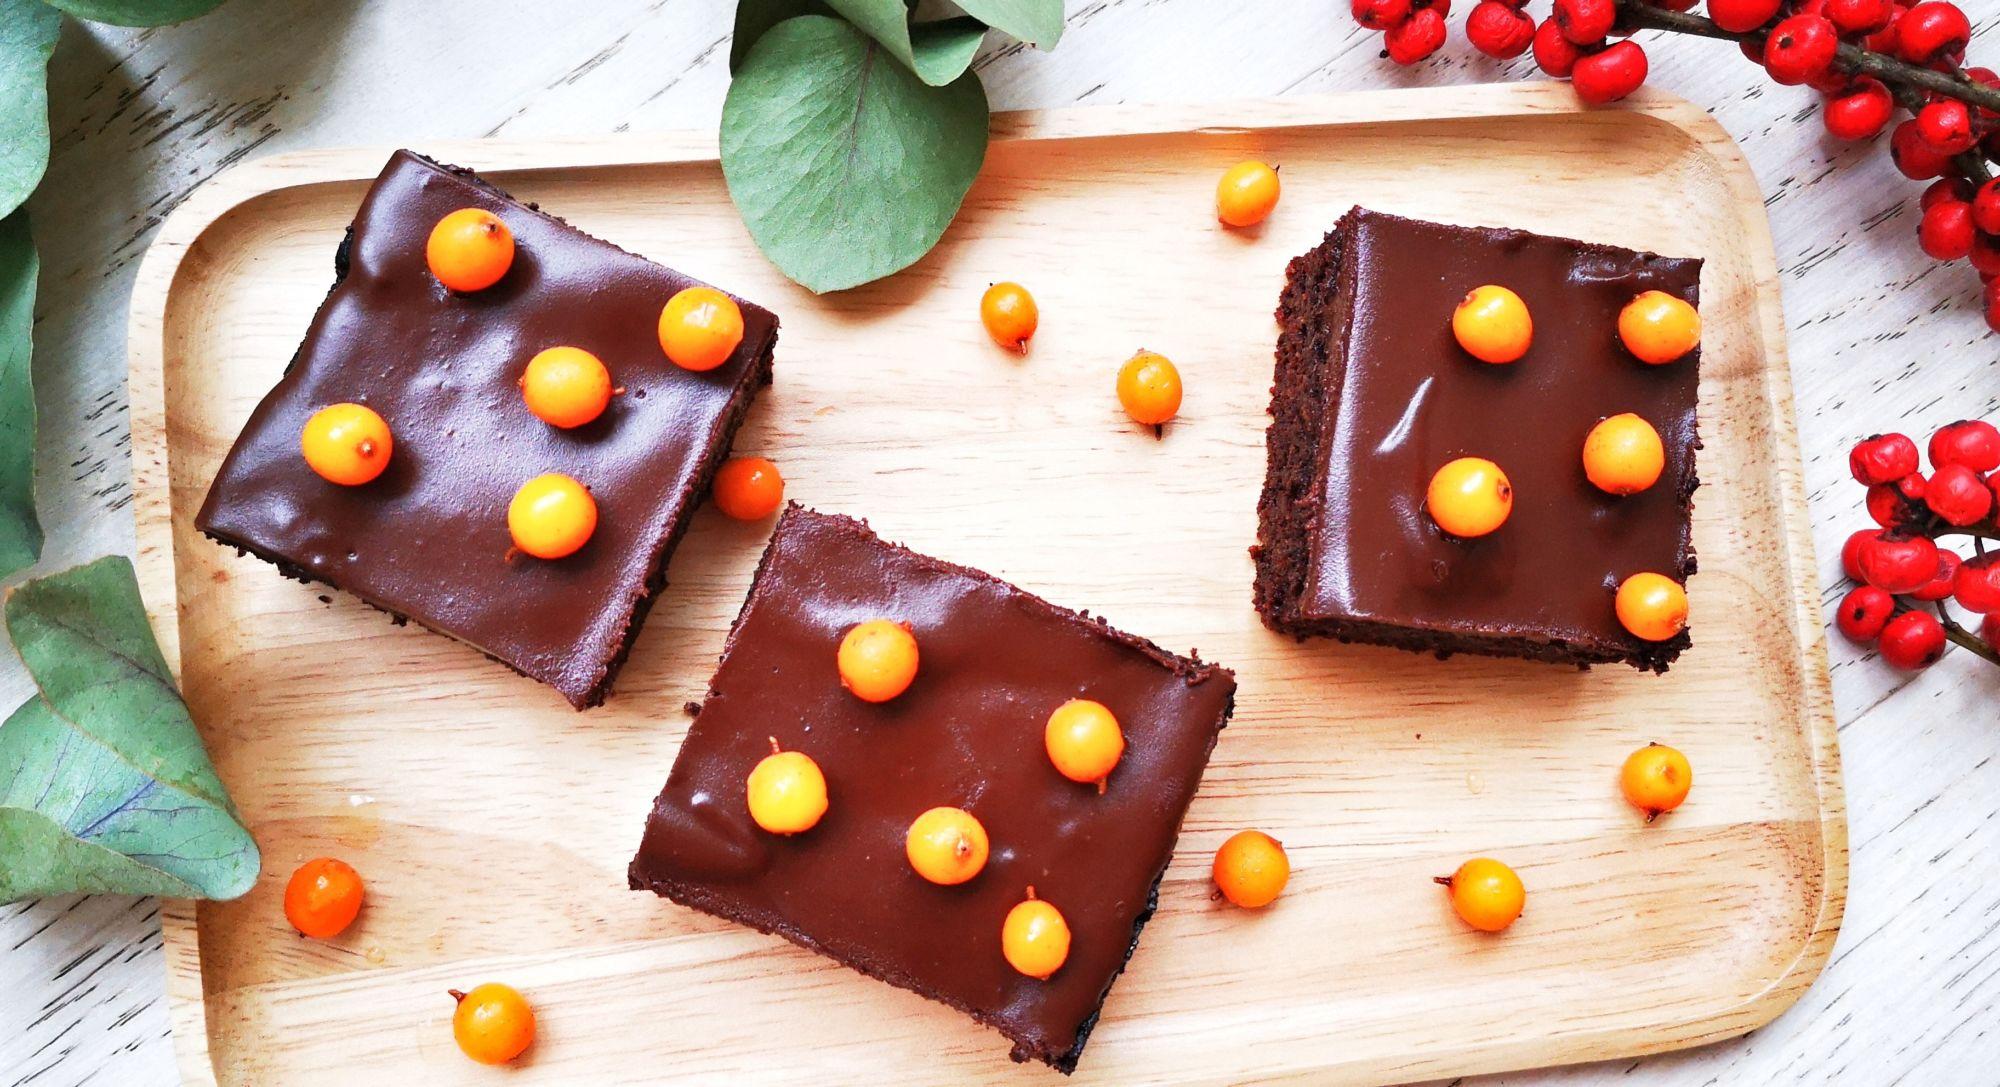 Bezlepkový brownie zčervené řepy nastránce zdravá volba